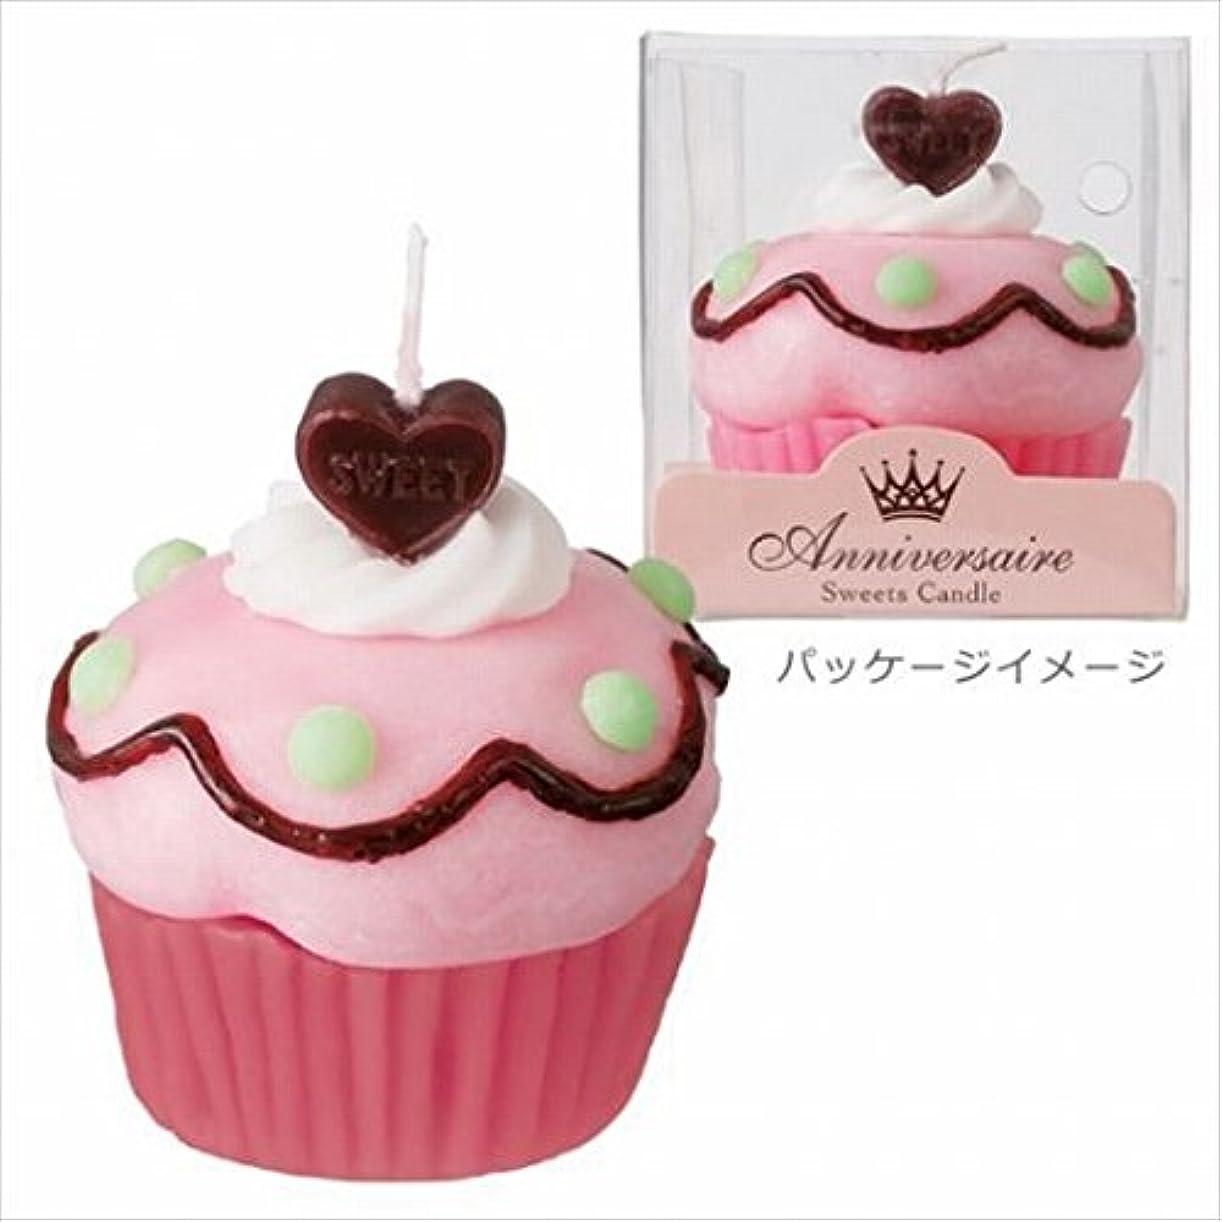 危険を冒しますジェーンオースティンより多いカメヤマキャンドル( kameyama candle ) カップケーキキャンドル 「 チェリードット 」